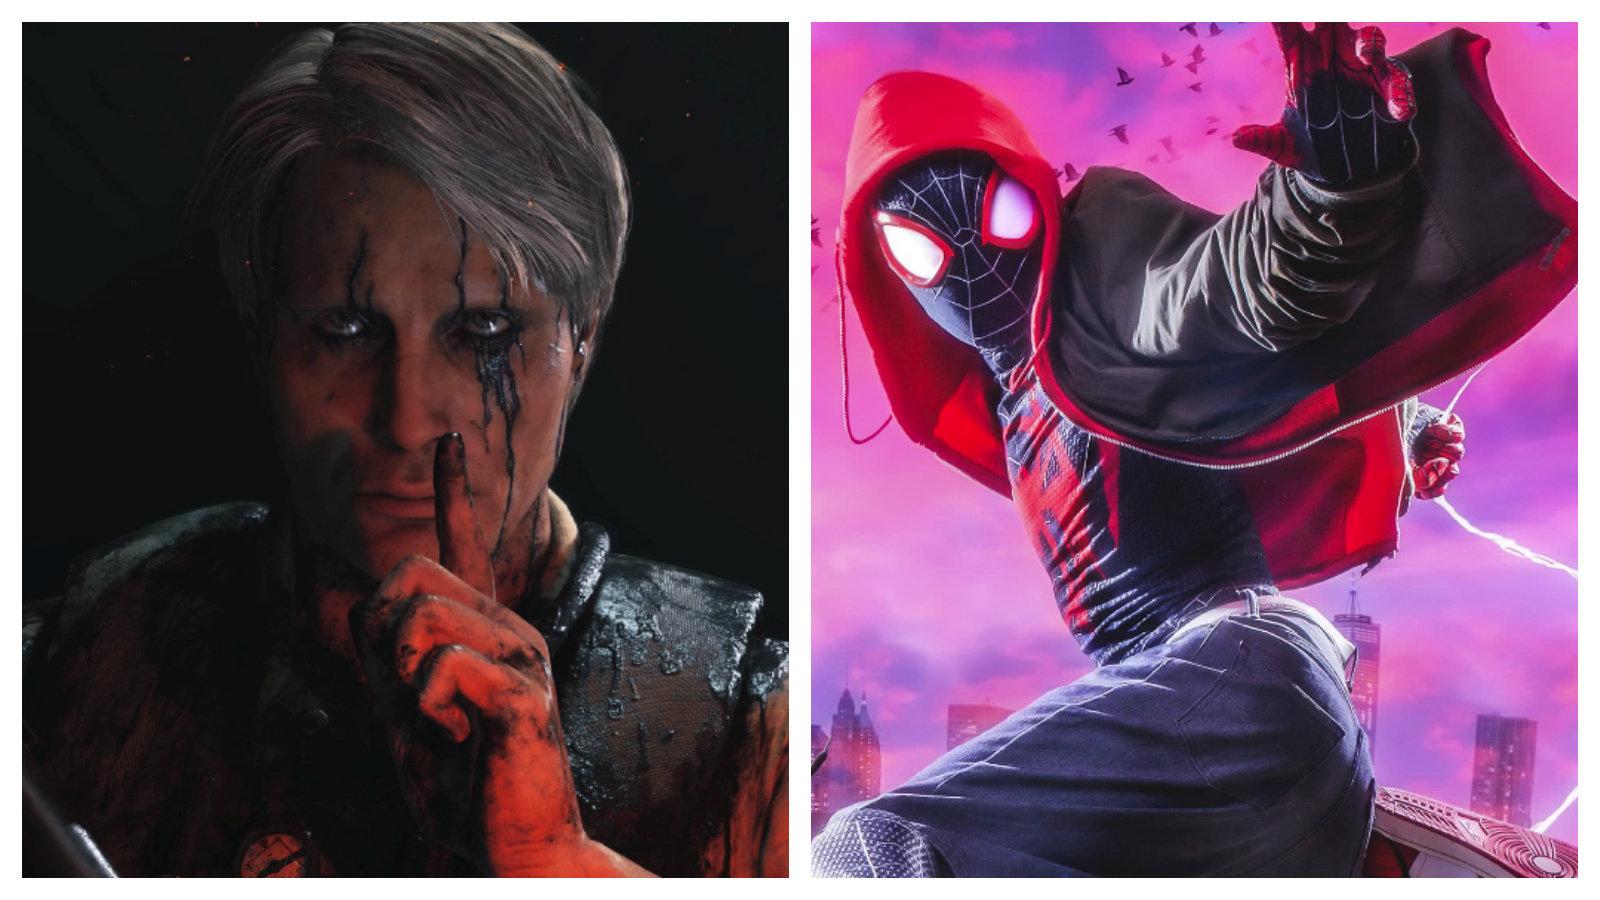 小岛秀夫发推暗示《死亡搁浅》和《蜘蛛侠 平行宇宙》相似?